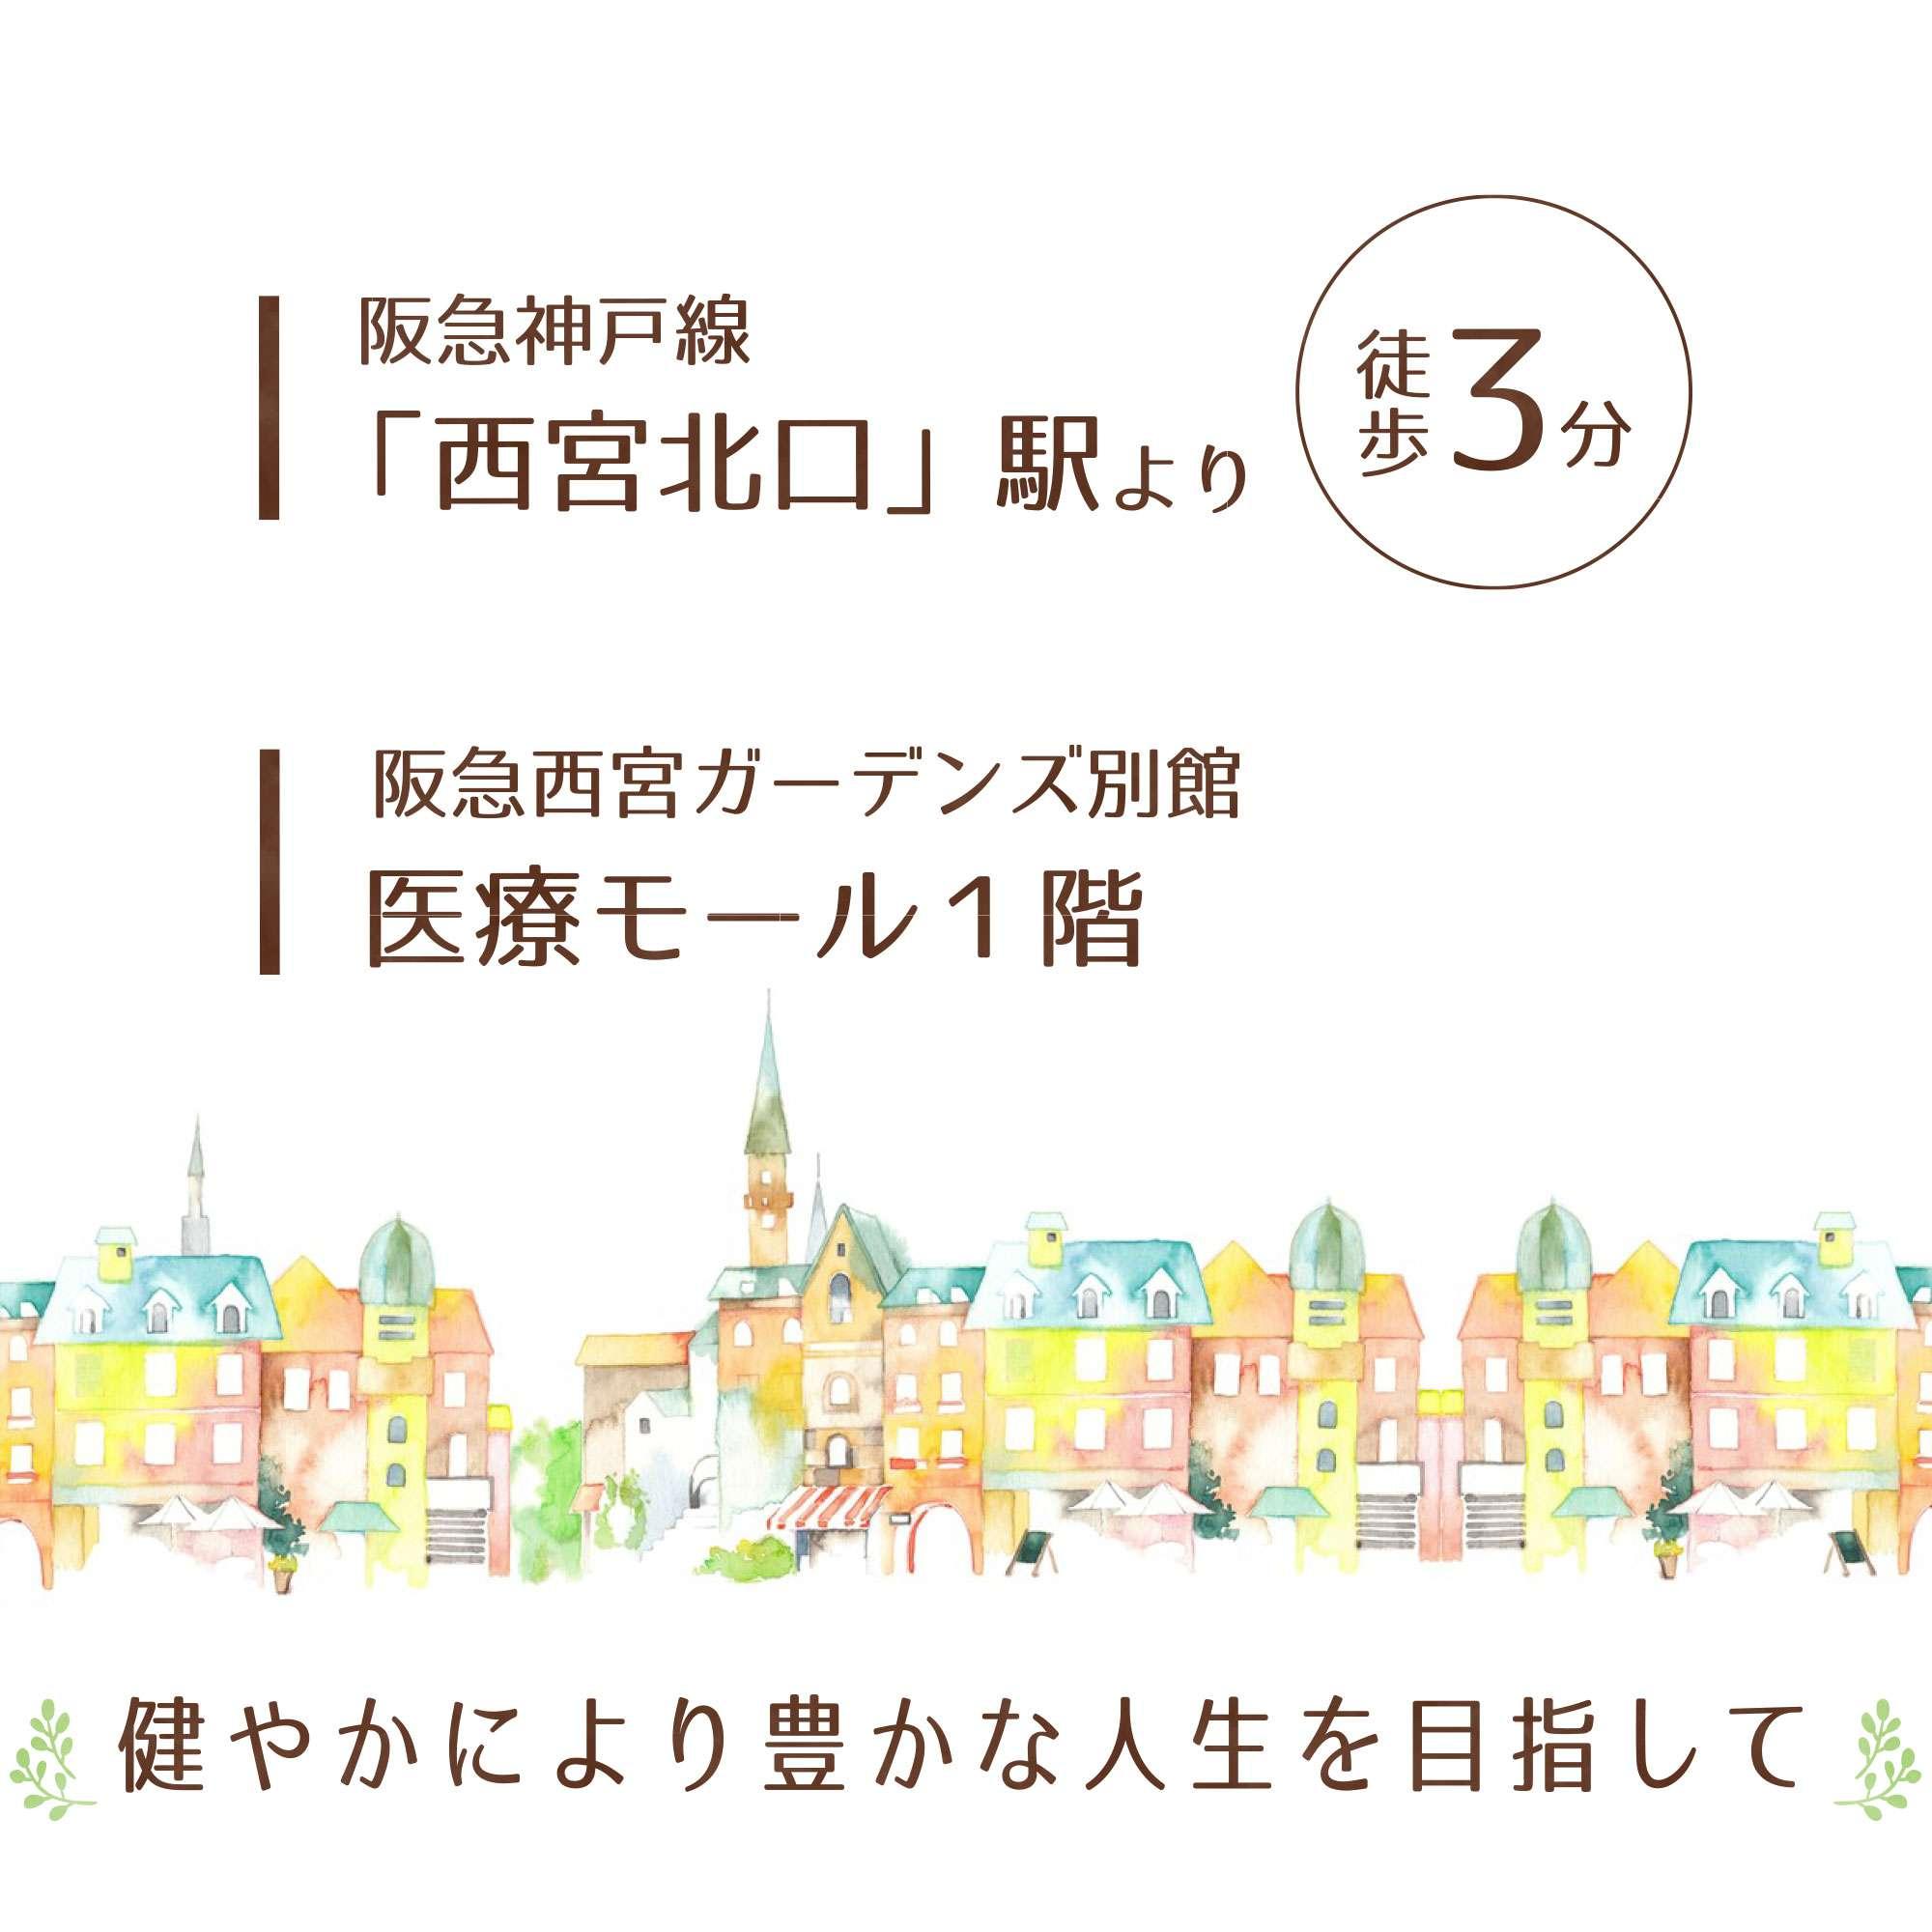 阪急神戸線「西宮北口」駅より徒歩3分 | 阪急西宮ガーデンズ別館 医療モール1階 | 健やかにより豊かな人生を目指して